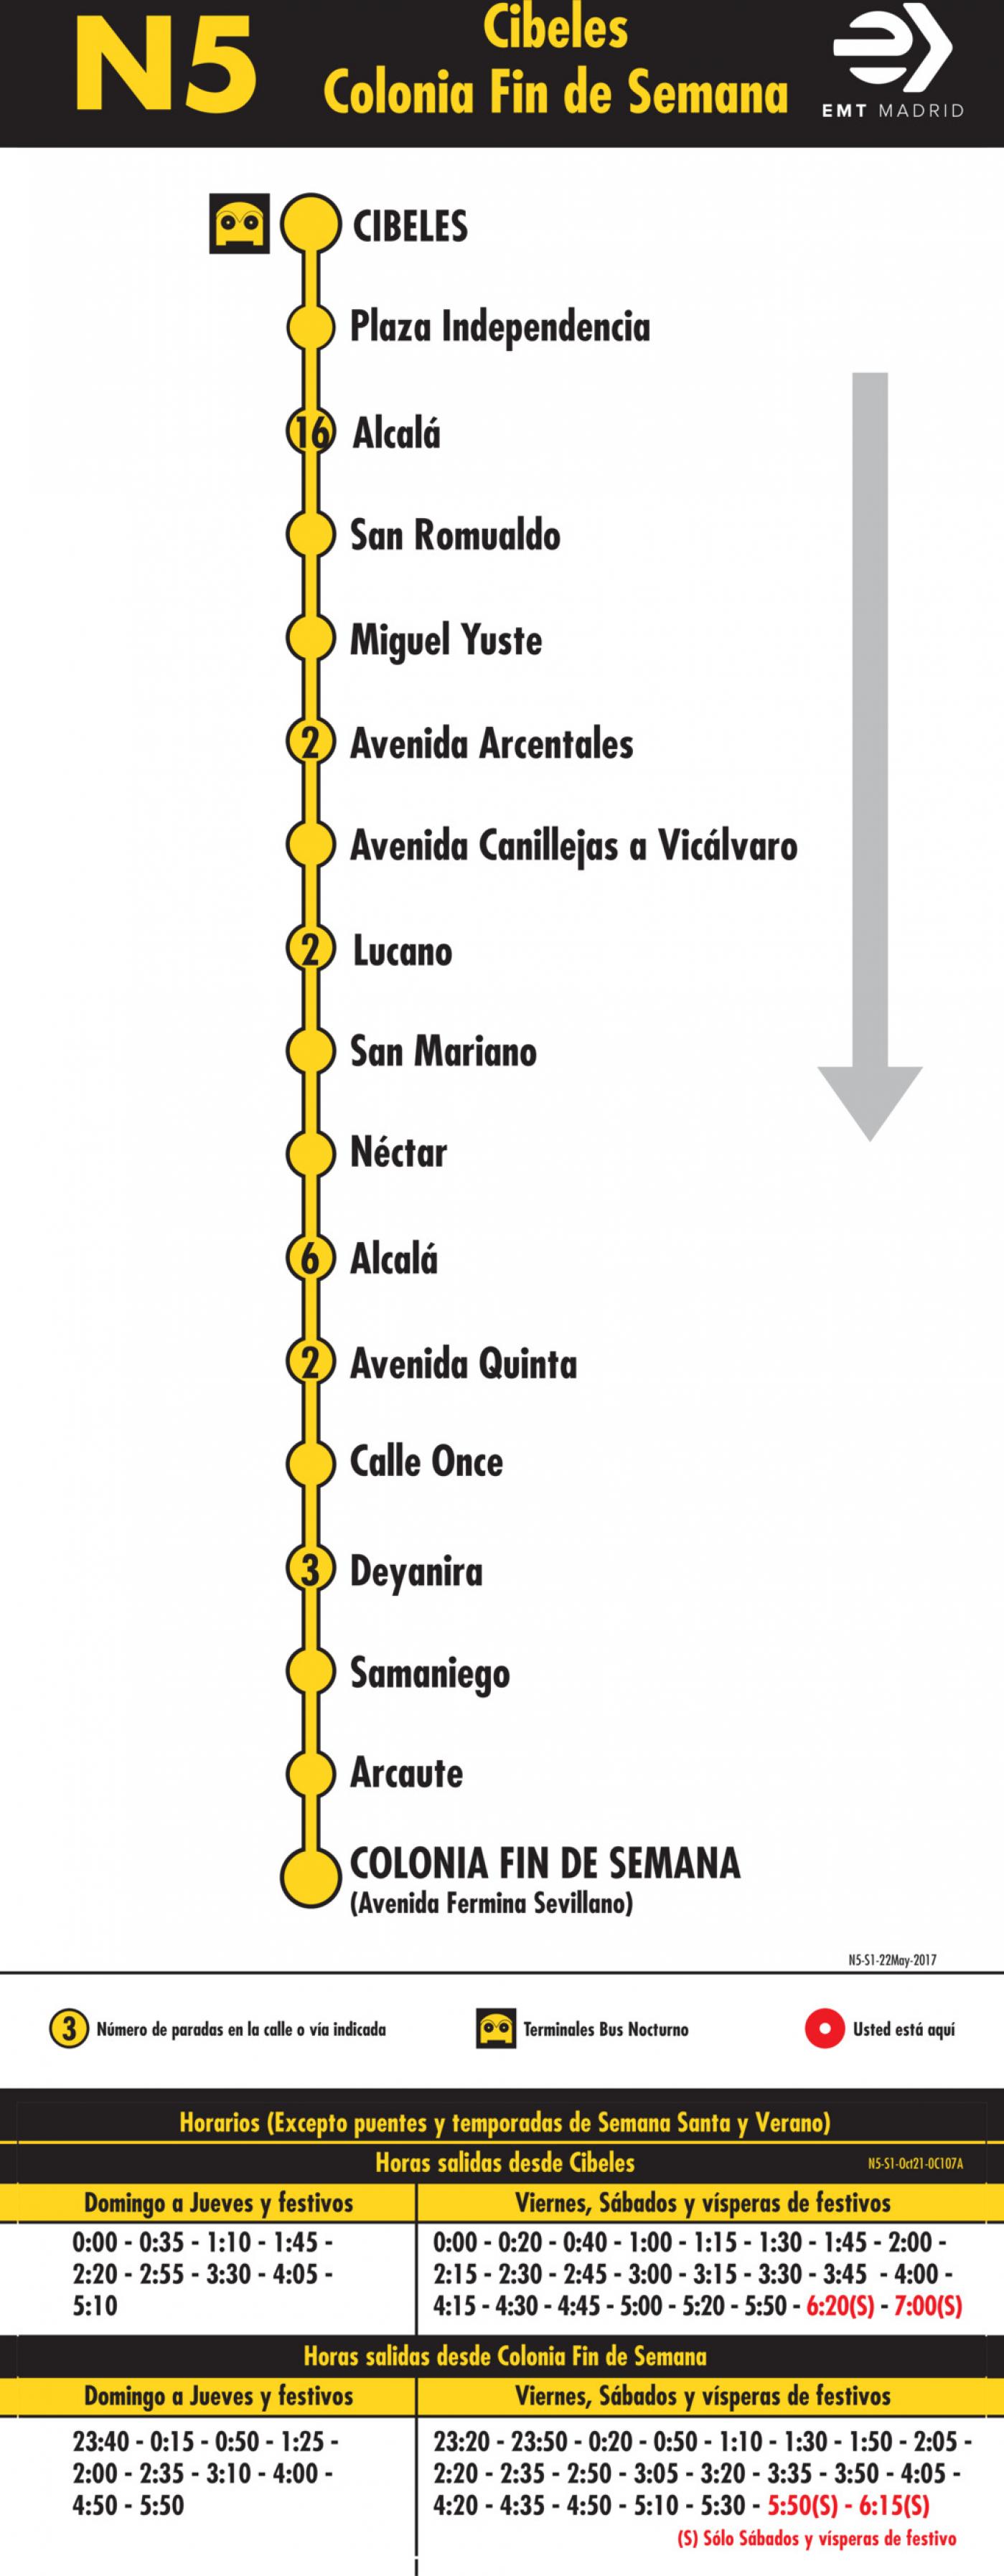 Tabla de horarios y frecuencias de paso en sentido ida Línea N5: Plaza de Cibeles - Colonia Fin de Semana (búho)